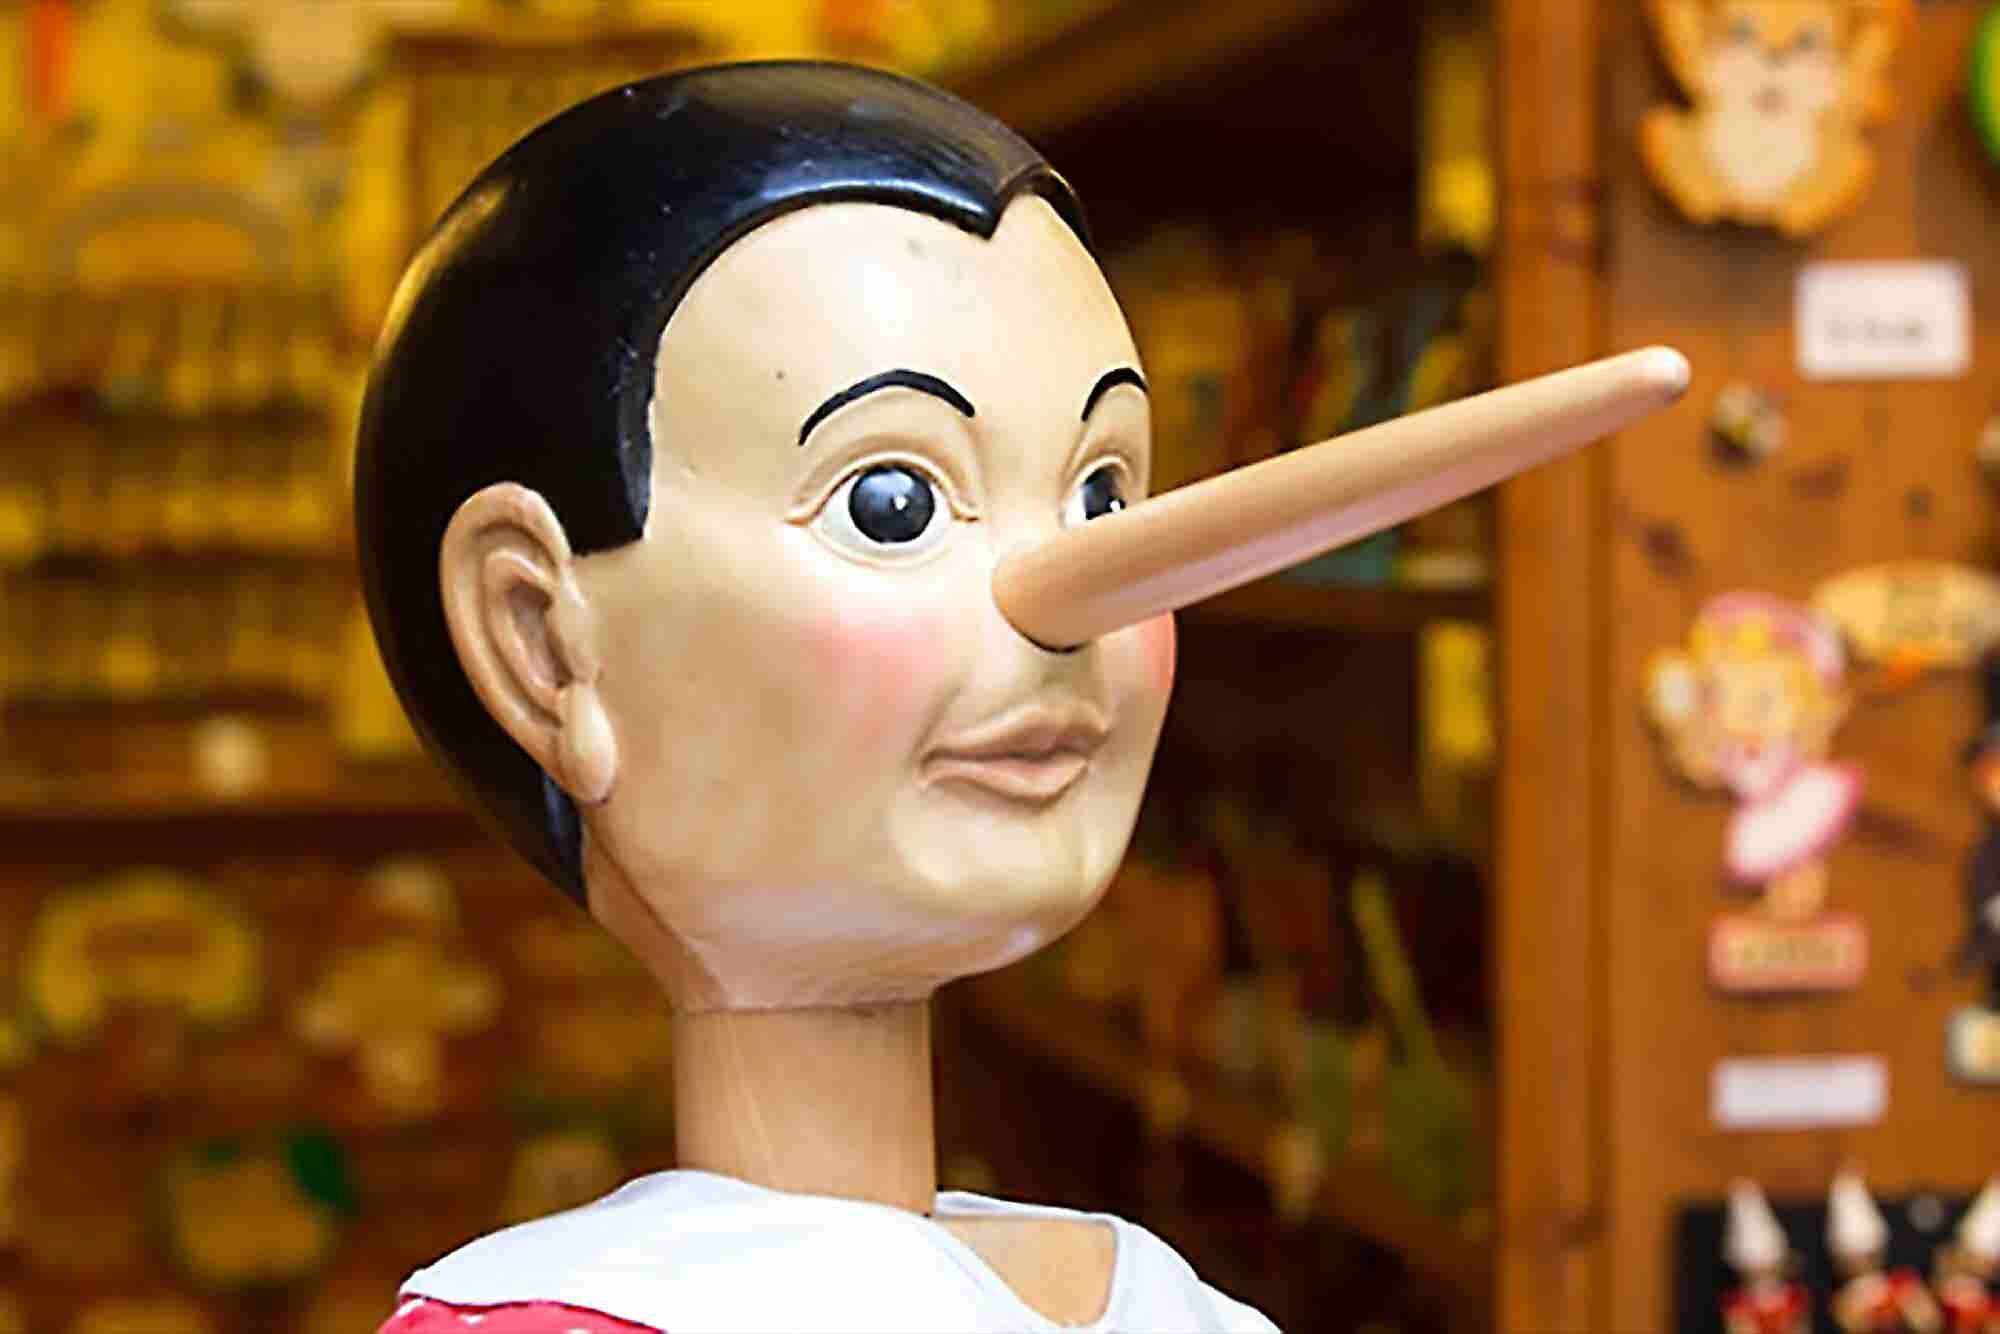 Should You Fire an Employee Who Lies?